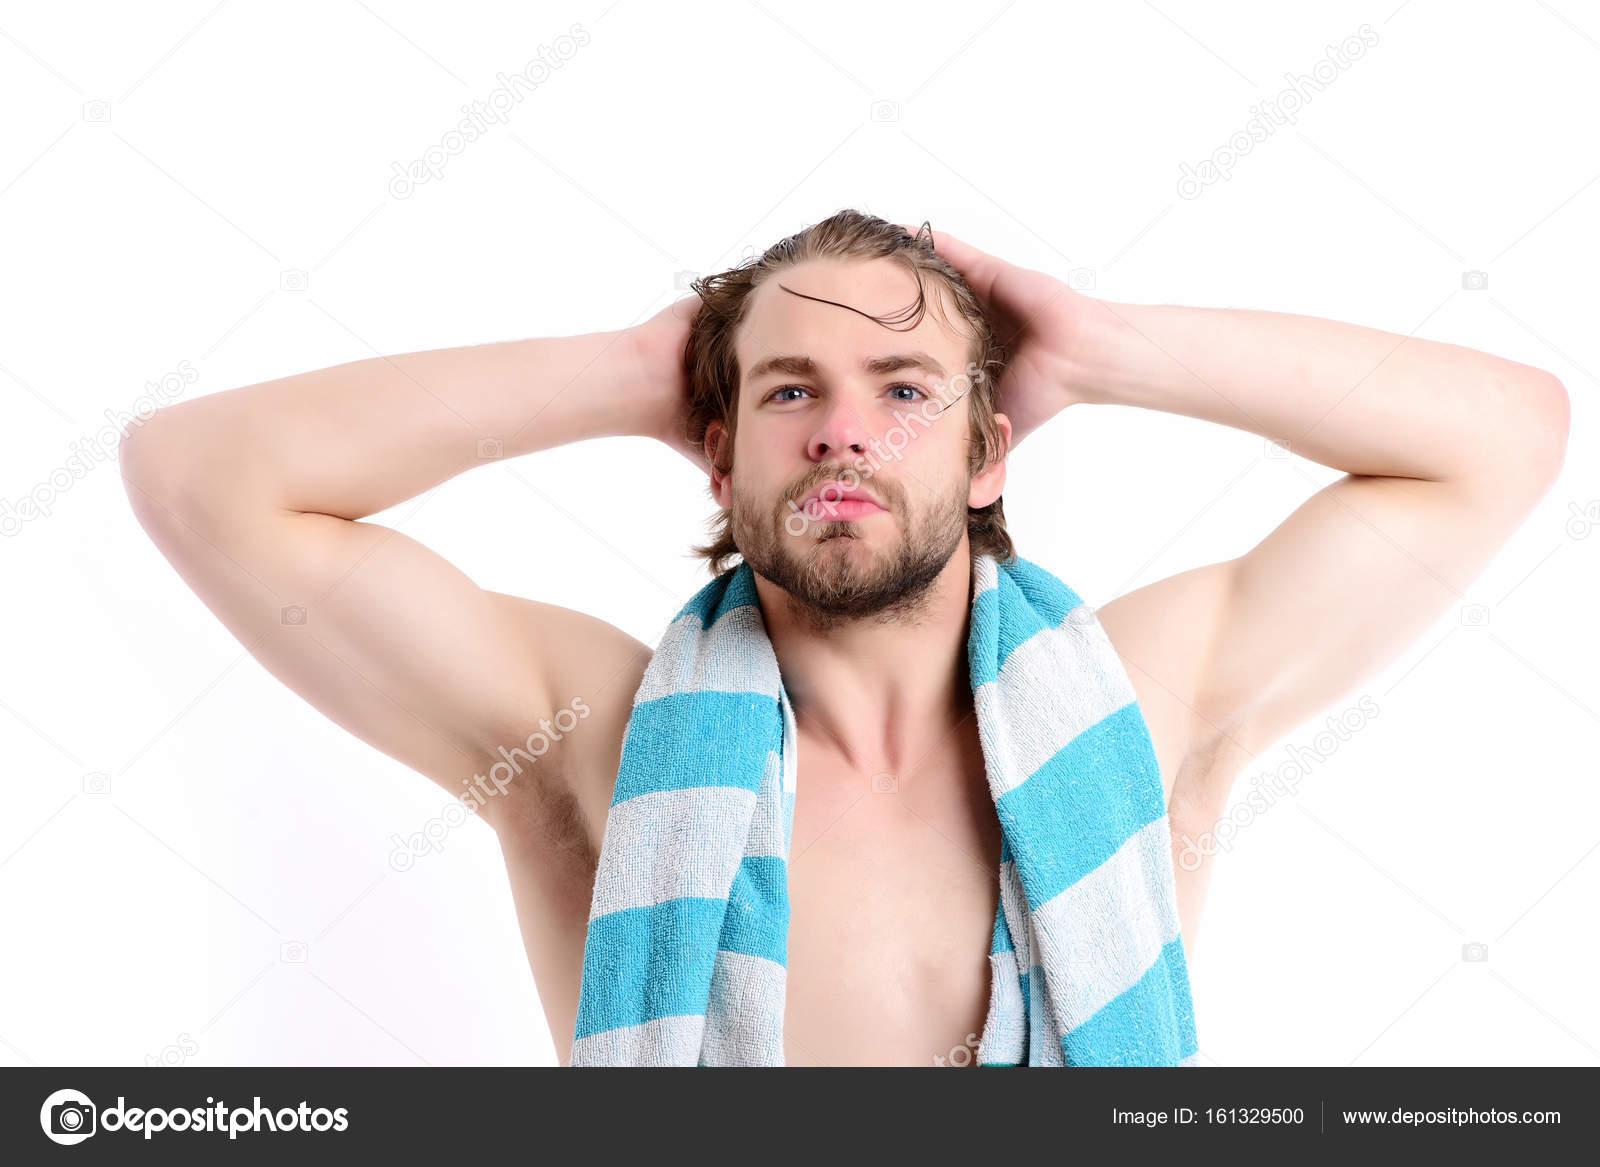 Macho mit gestreiften blaues Handtuch um Hals und großen Muskeln ...